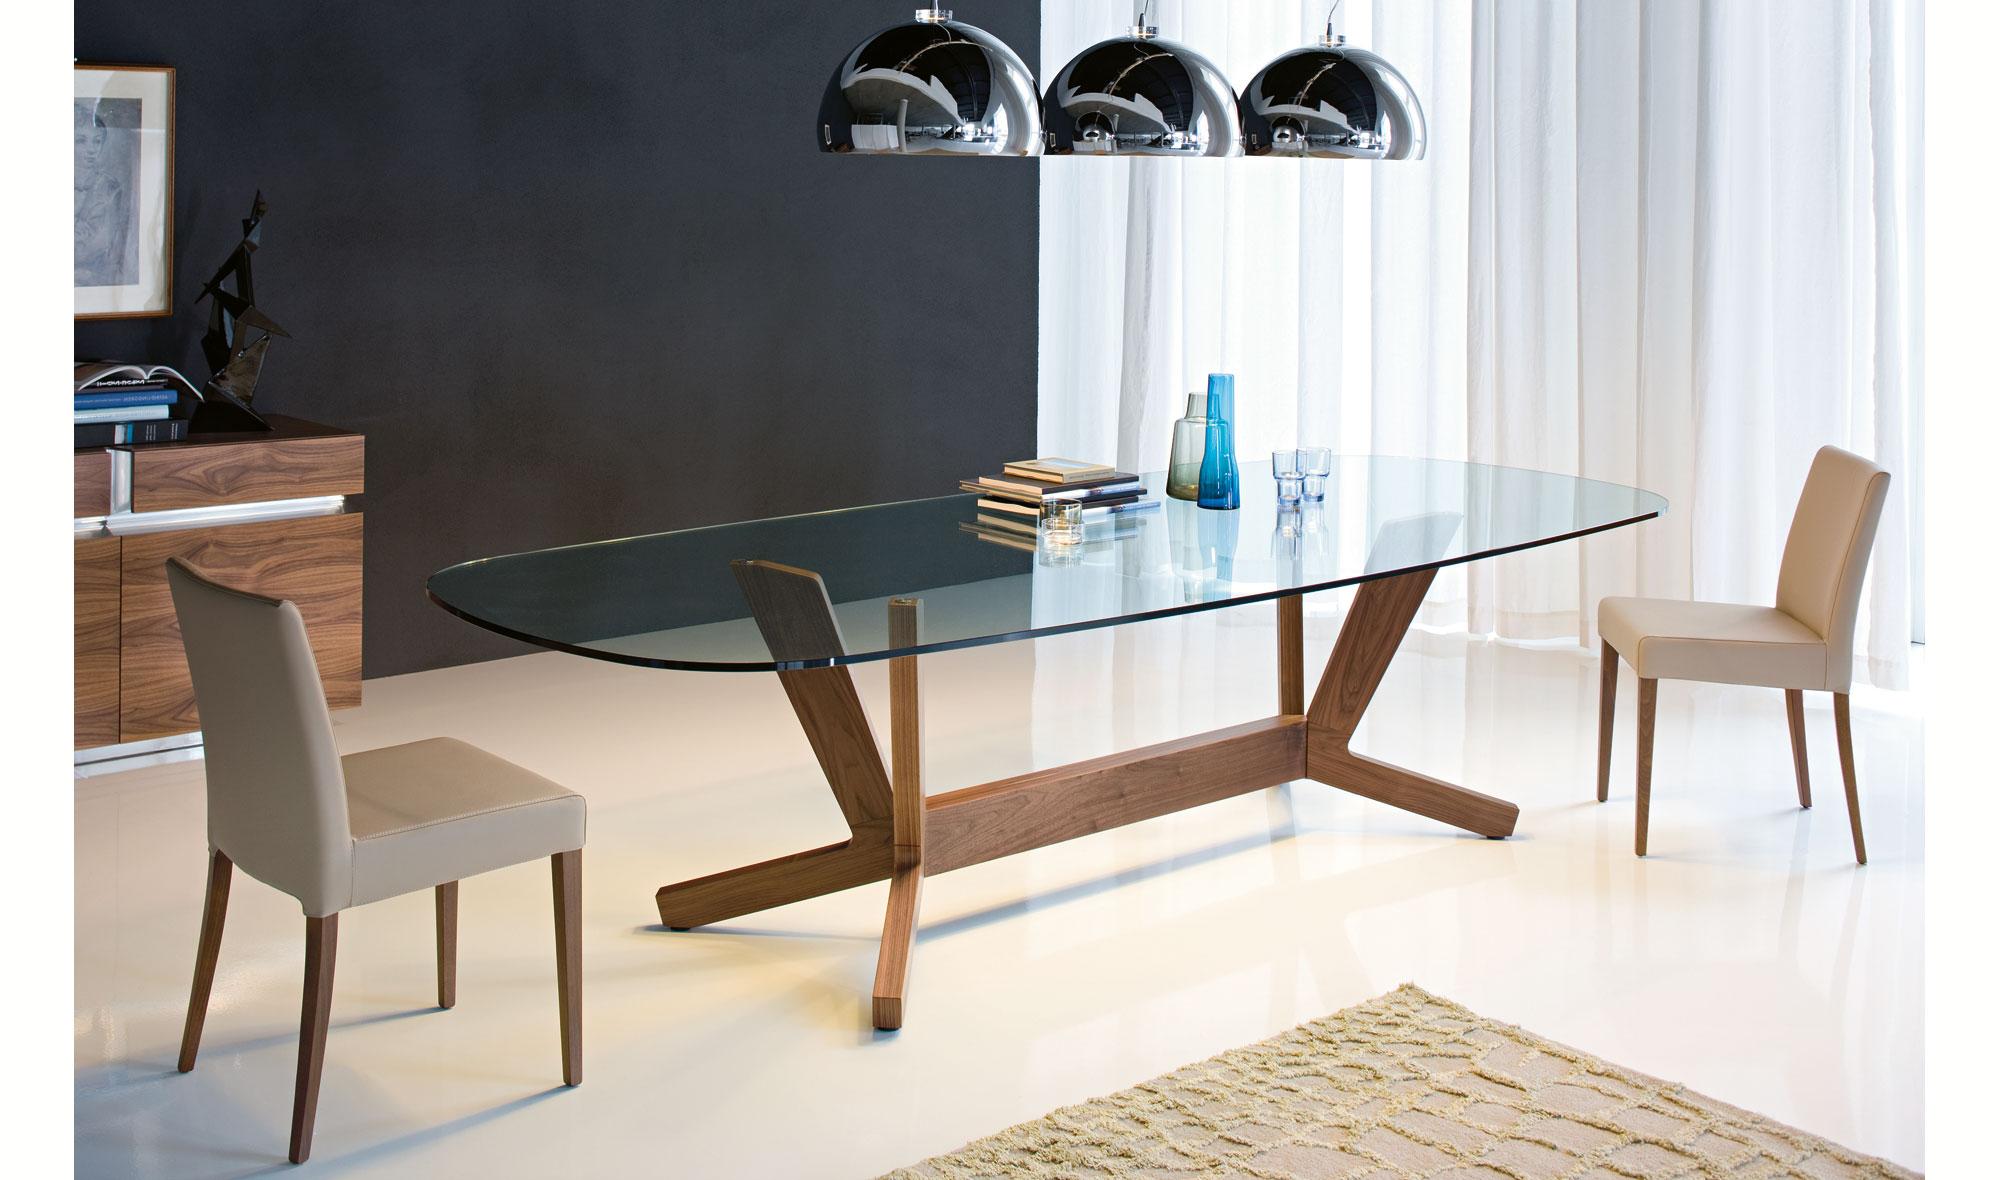 Mesa de comedor ovalada moderna goblin cattelan de lujo en for Mesas de comedor cuadradas modernas